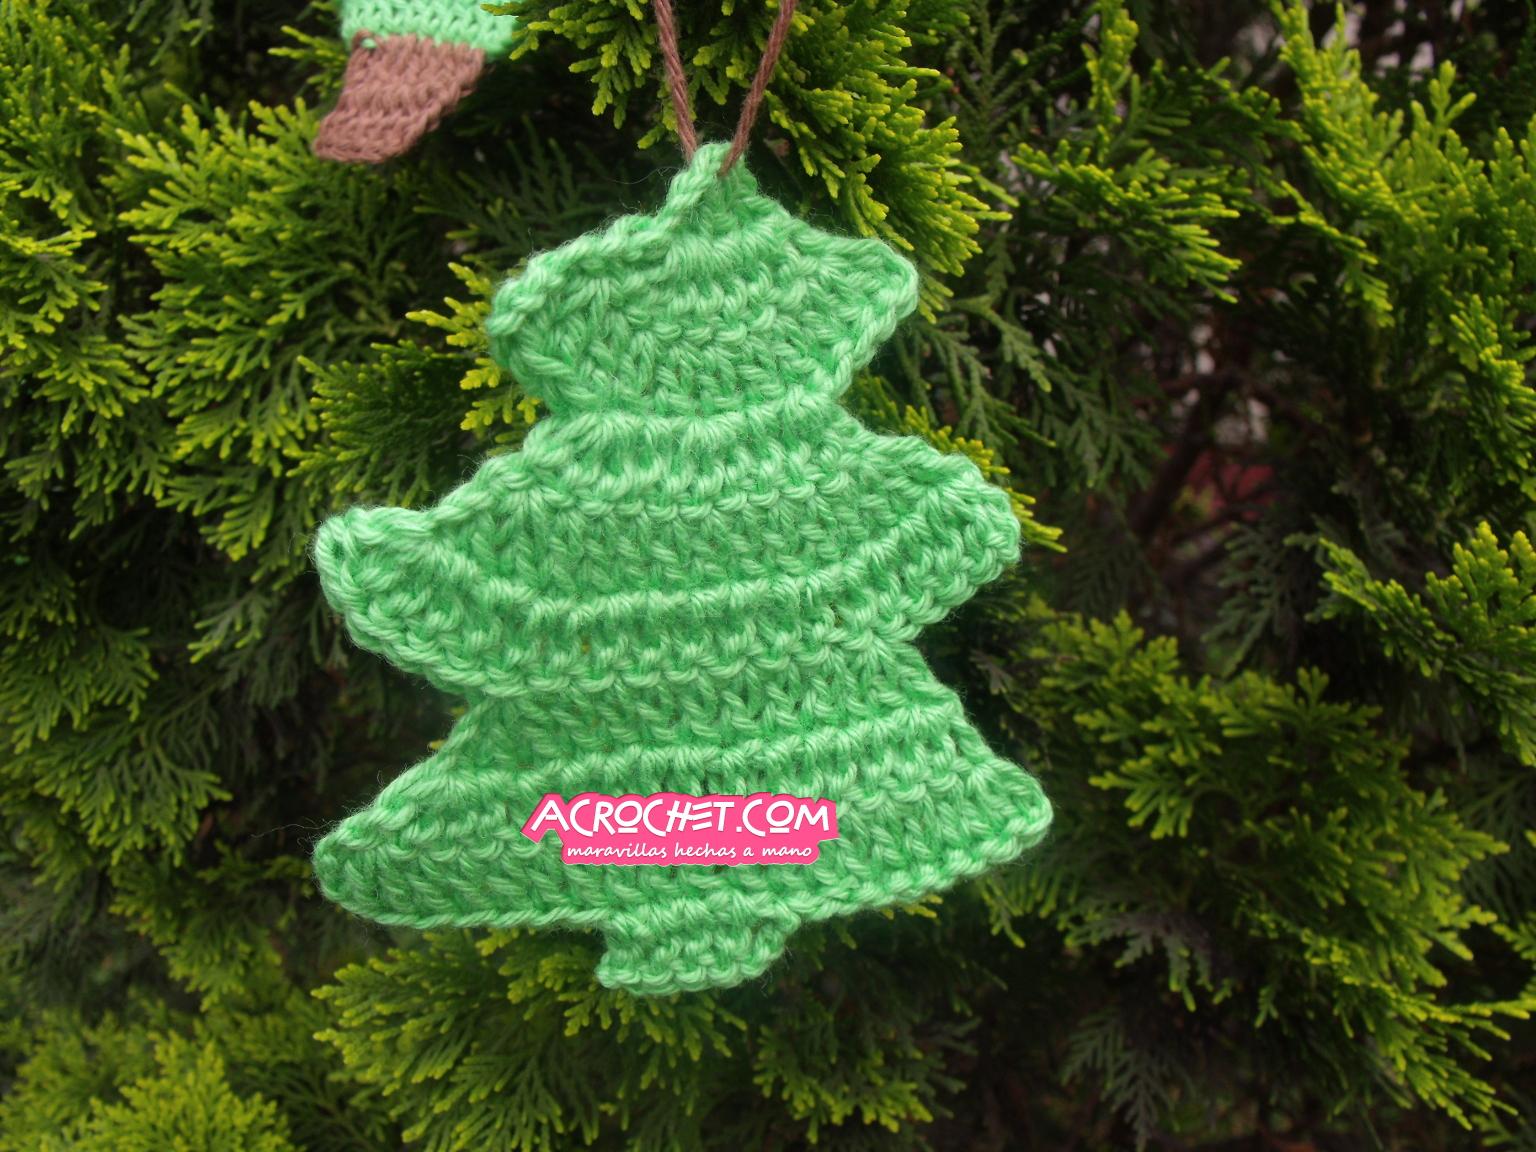 Navidad | Blog a Crochet - ACrochet